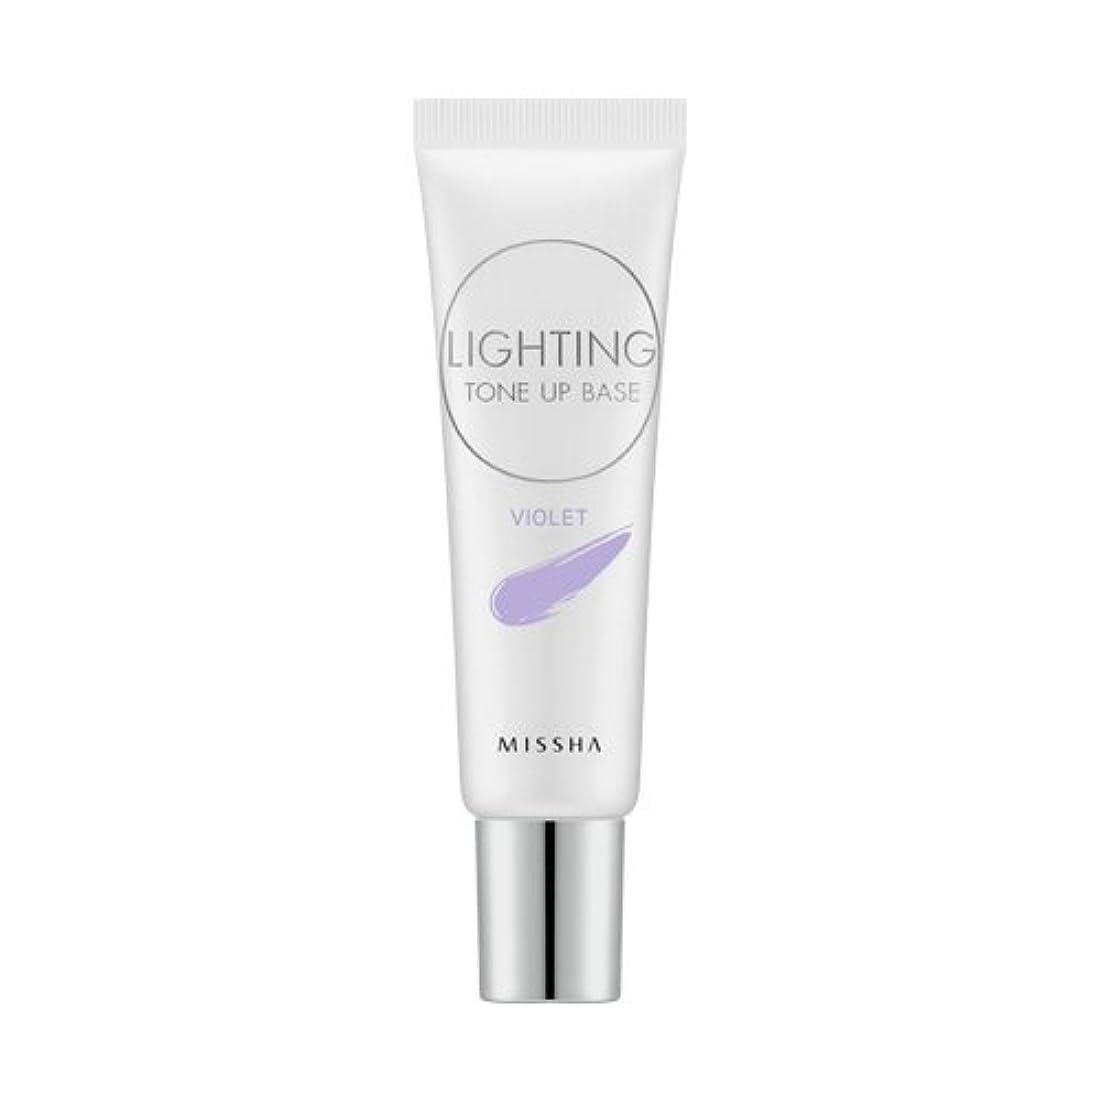 MISSHA Lighting Tone Up Base 20ml/ミシャ ライティング トーン アップ ベース 20ml (#Violet)